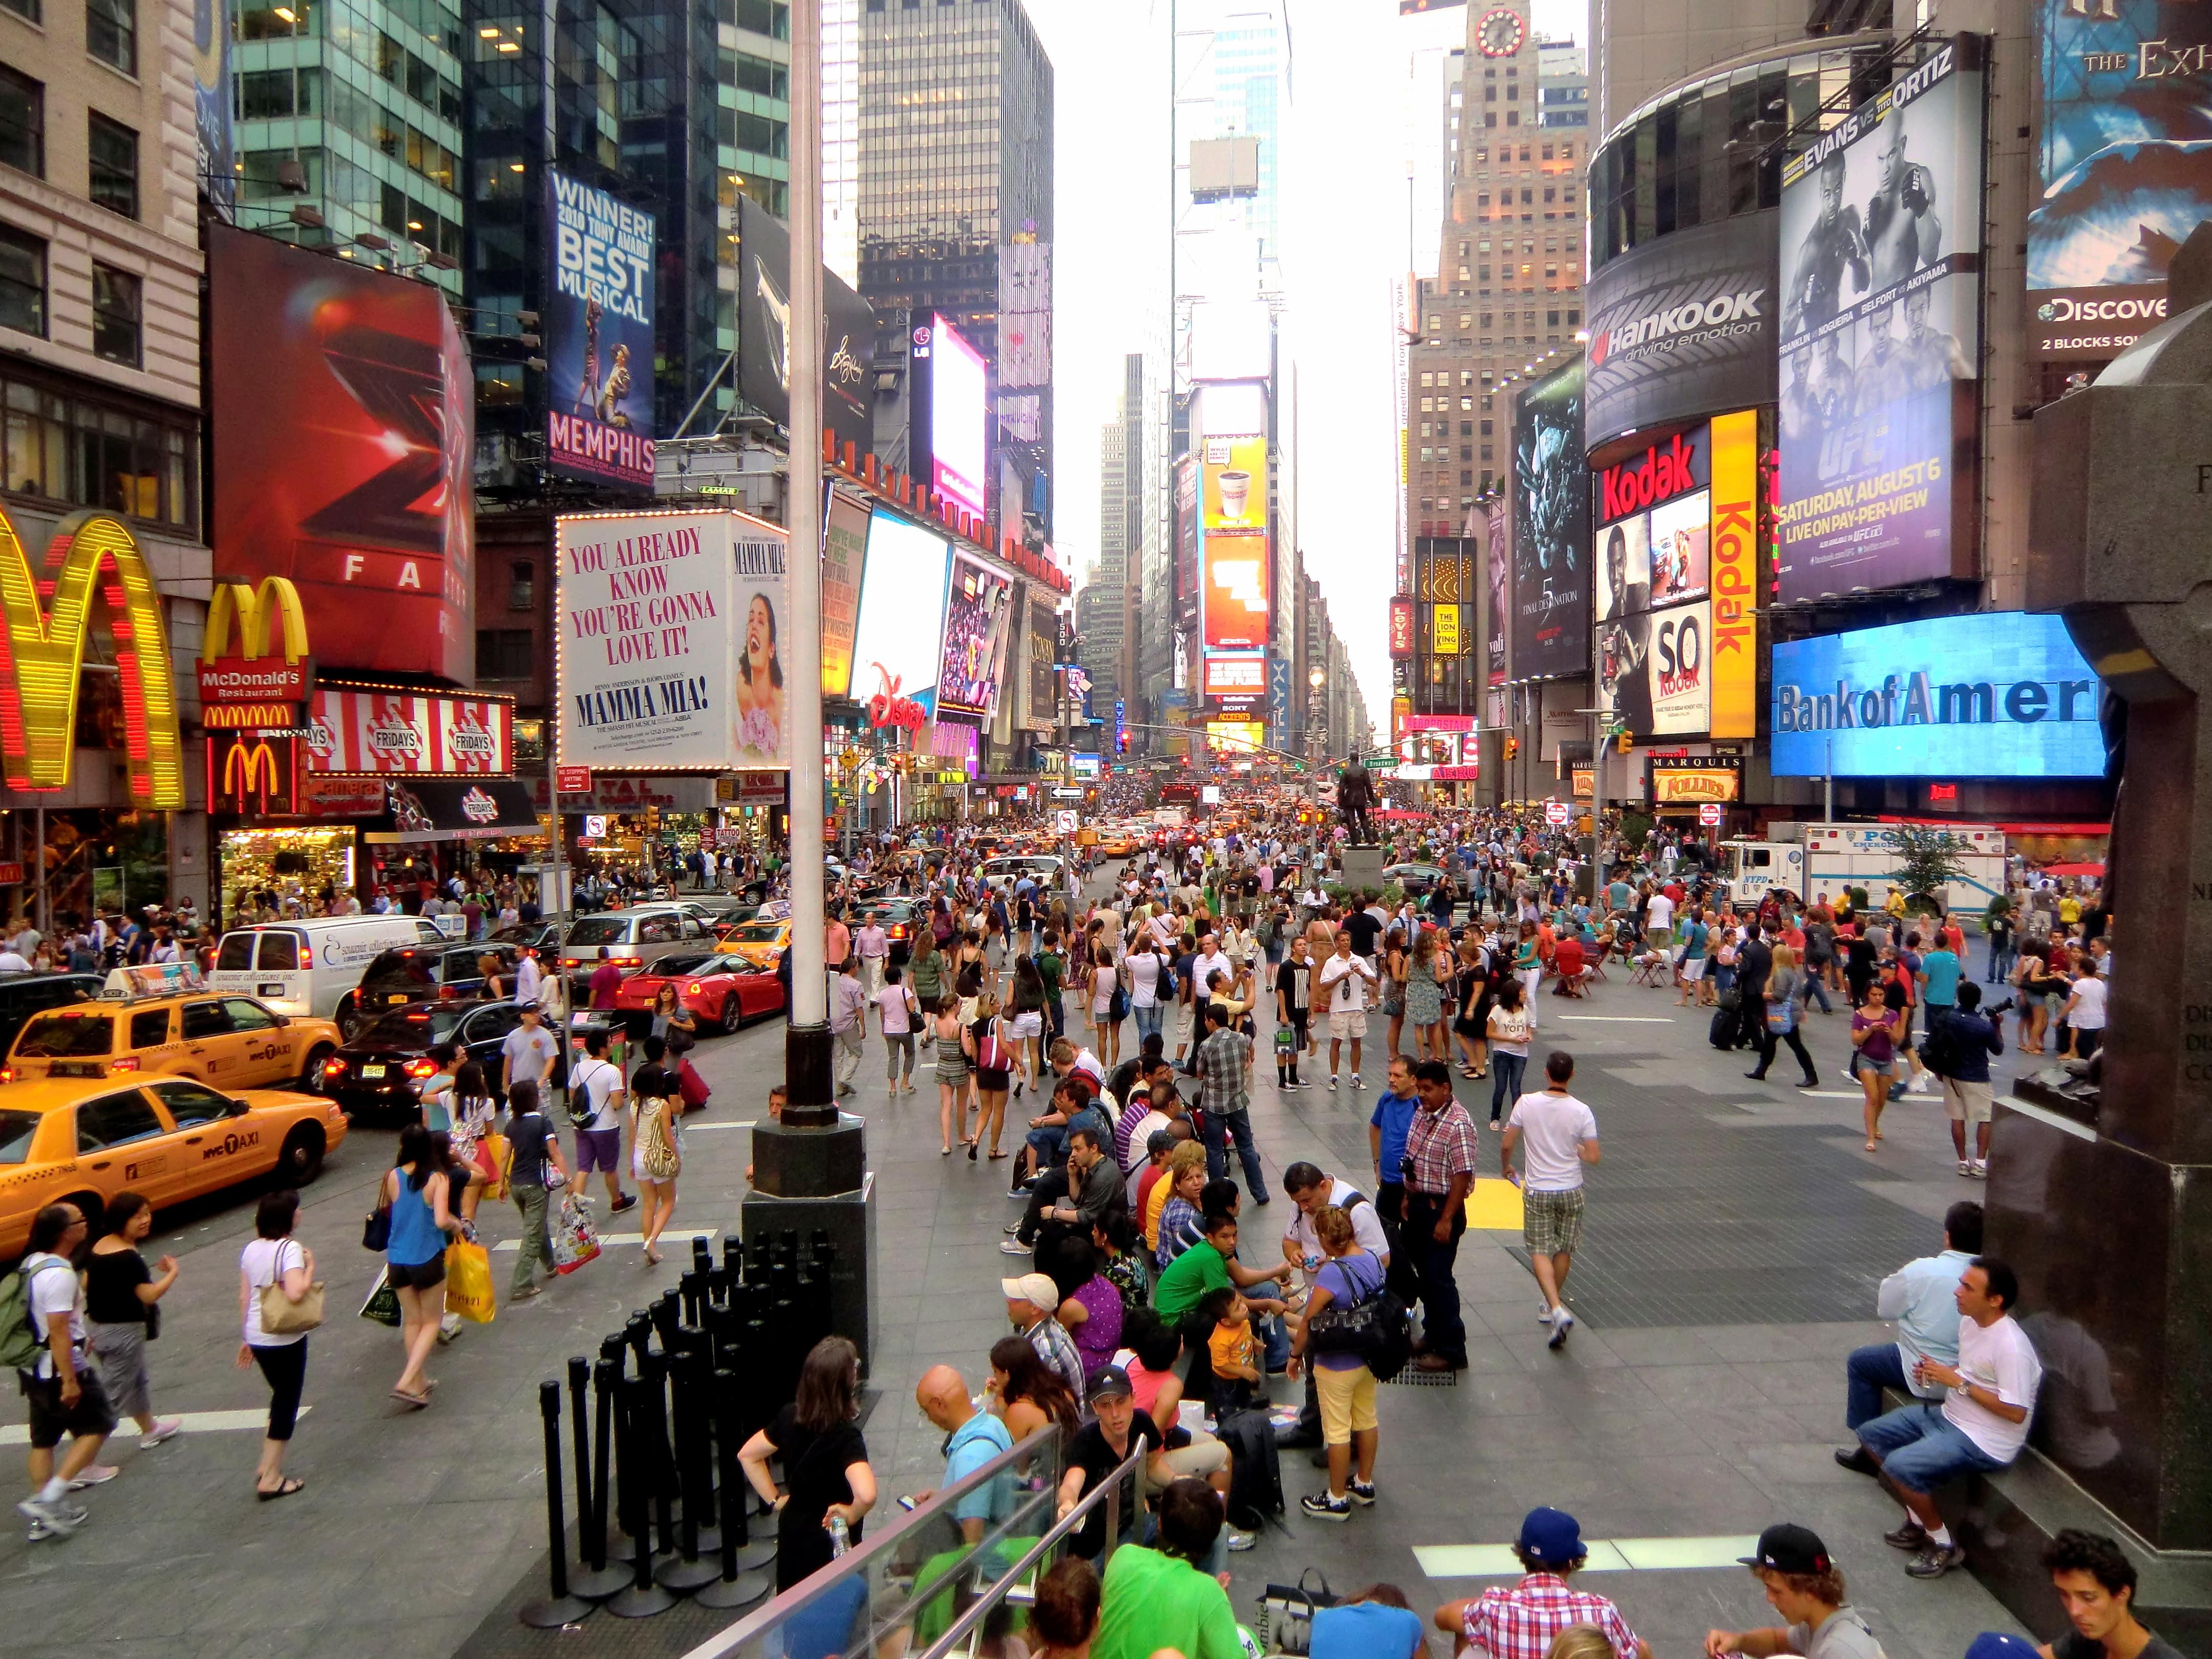 Vue sur les rues de Times Square avec tous les magasins éclairés lors d'une colonie de vacances à New York